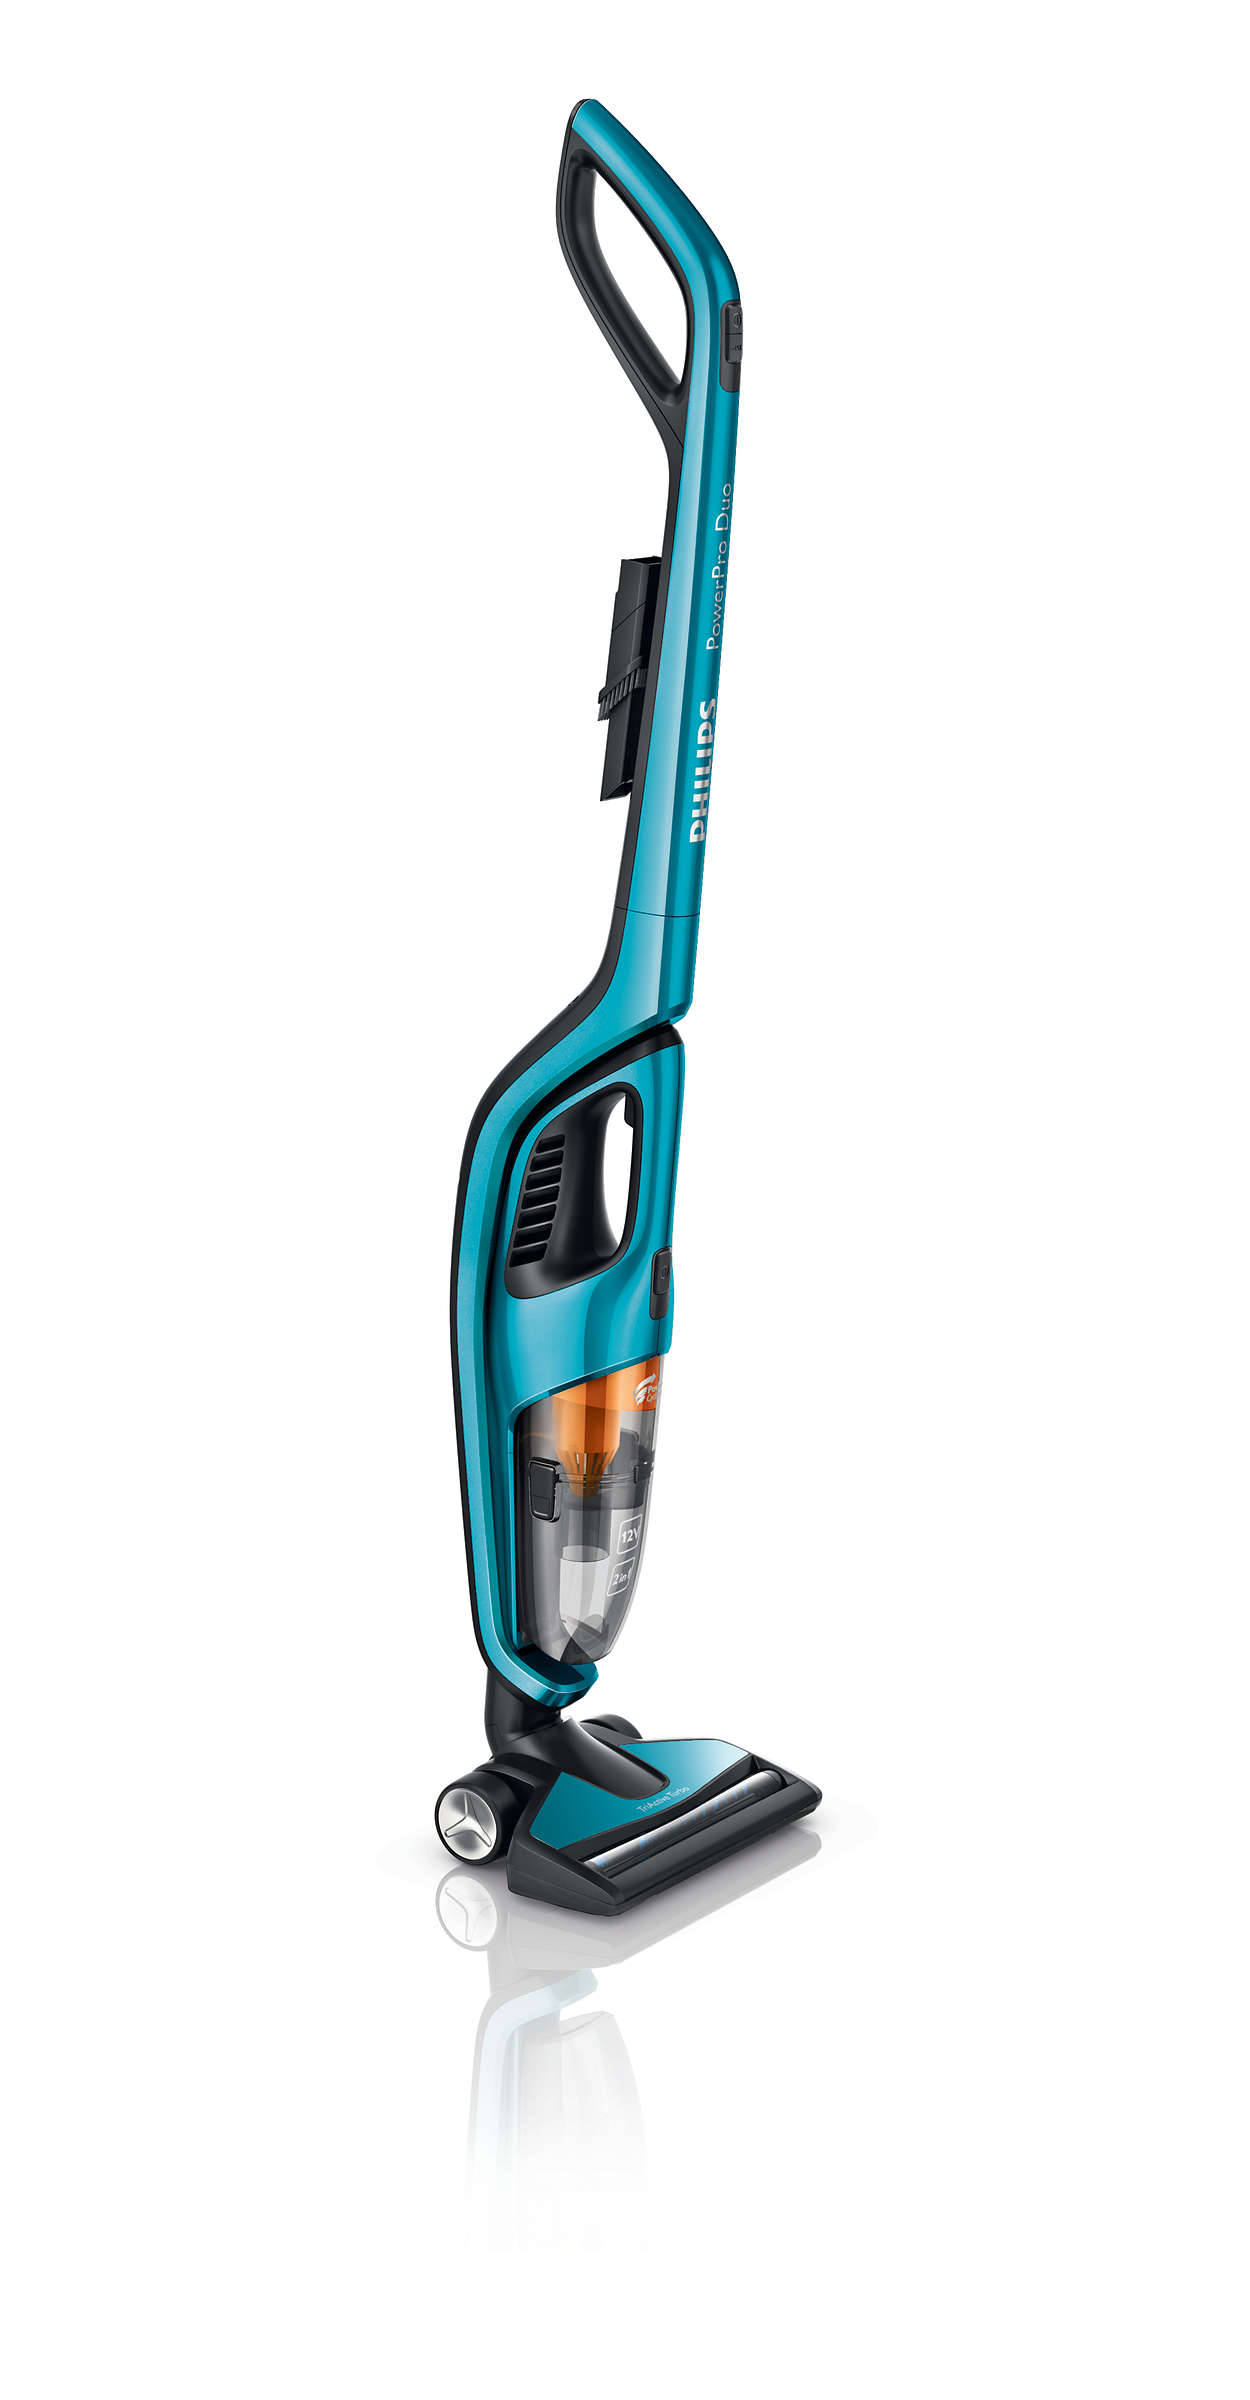 Optimales Reinigungsergebnis auf harten Böden und auf Teppichen.